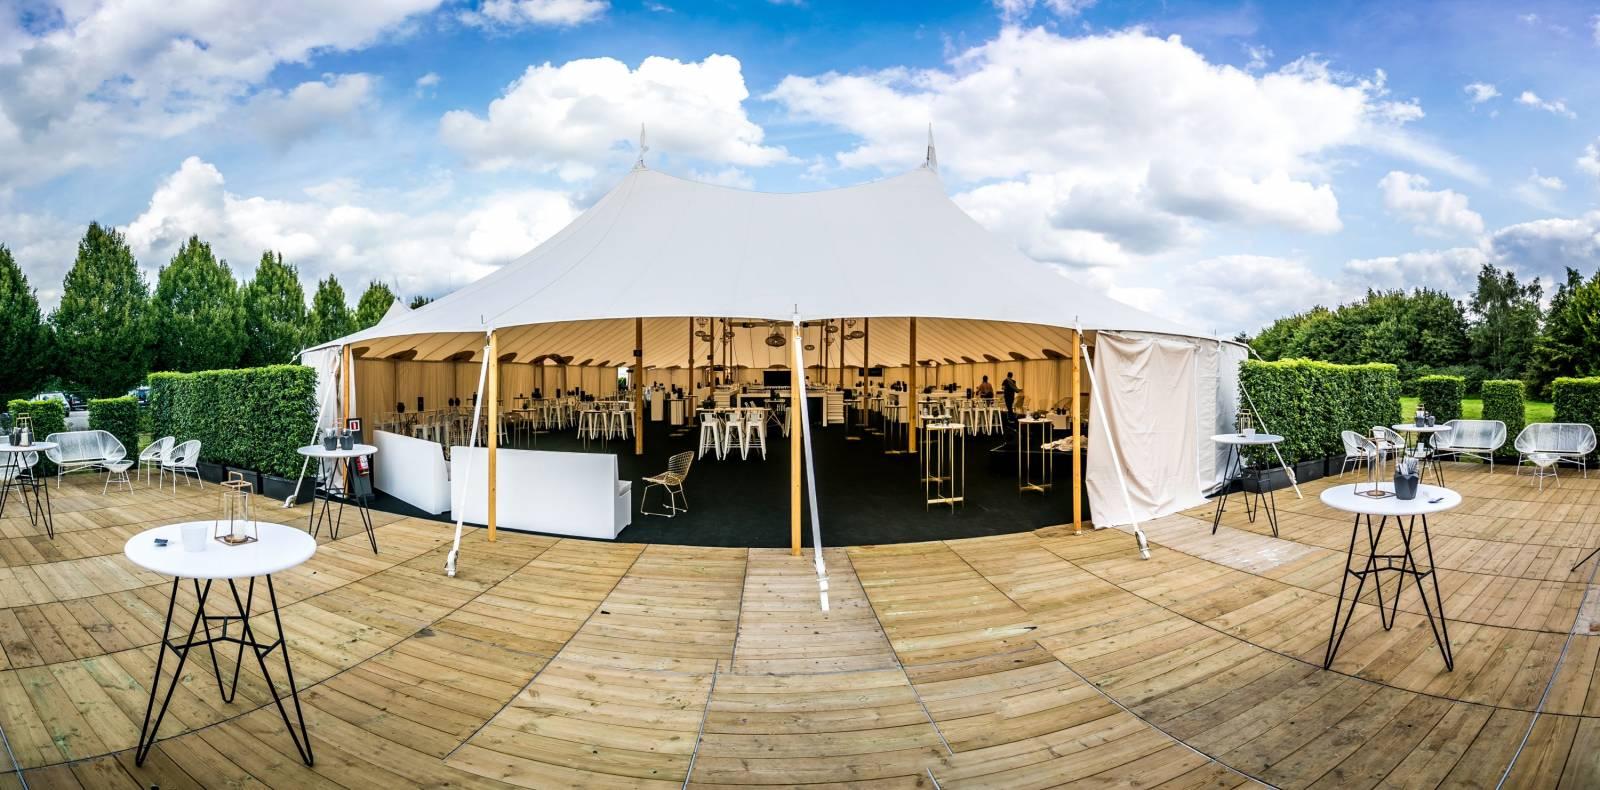 Organic-Concepts - Tenten - Feesttenten - Verhuur Tenten - Silhouette tent - House of Events - 10